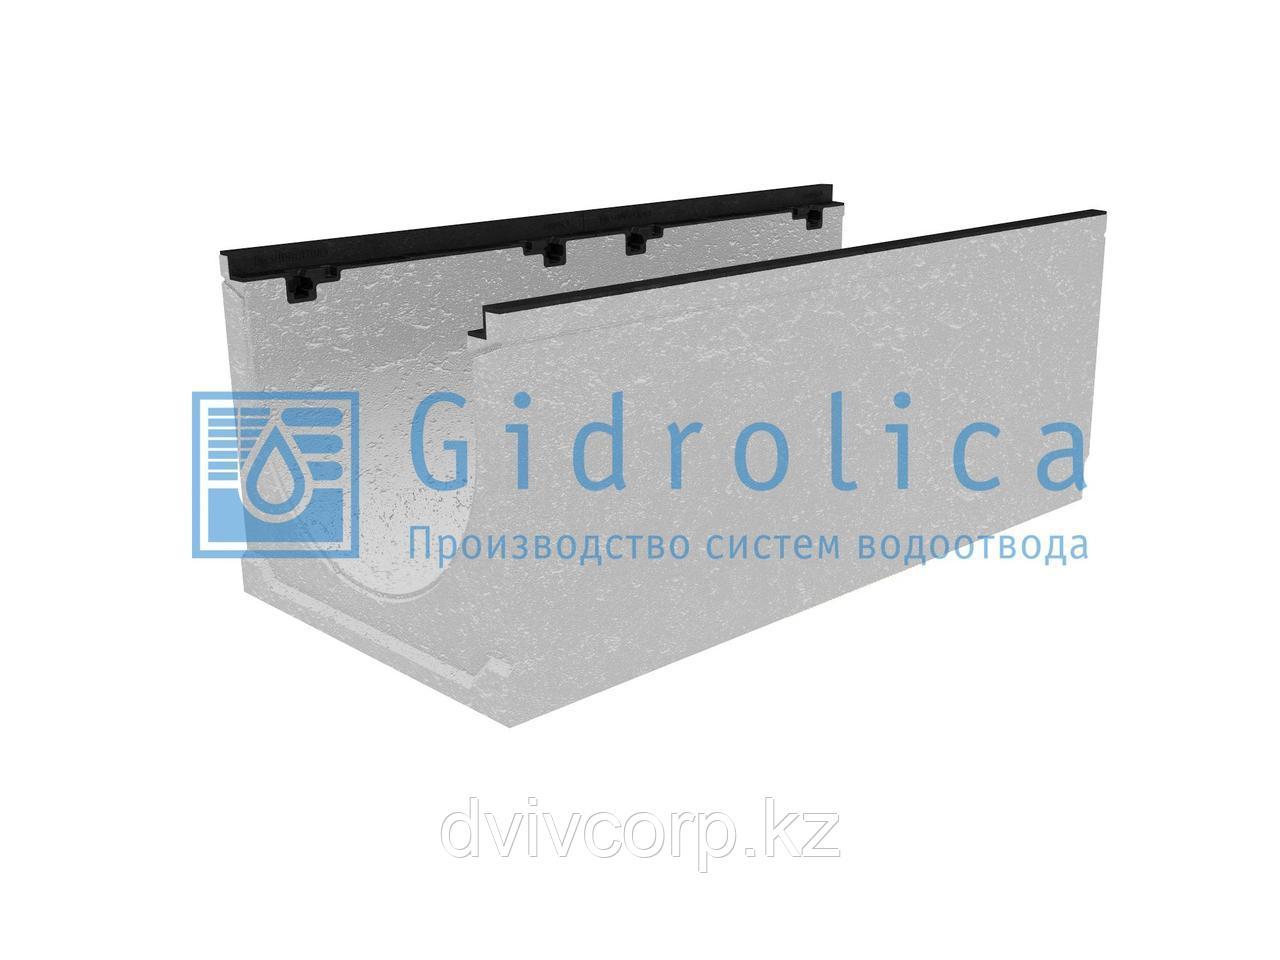 Лоток водоотводный бетонный коробчатый (СО-400мм), с чугунной насадкой КU 100.49,9 (40).39,5(32,5) - BGZ-S, №